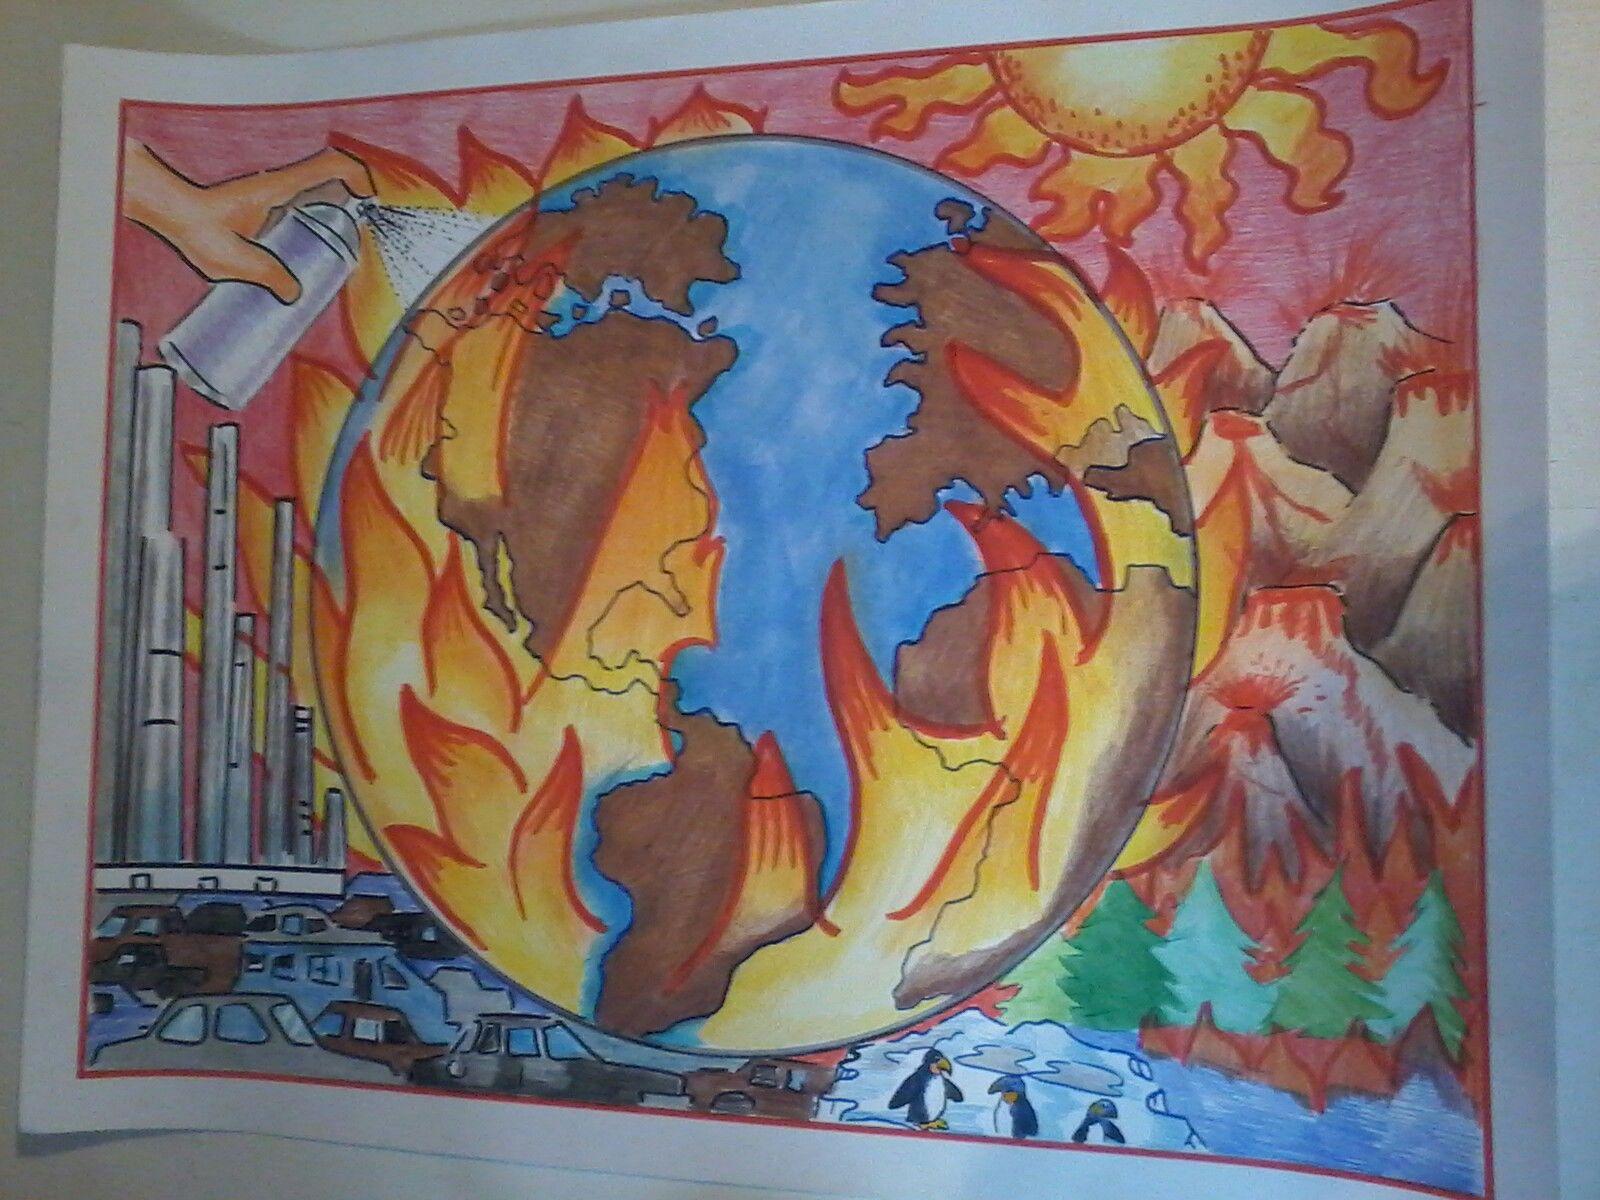 Dibujo en cartulina contaminaci n ambiental tolo dibujos for Mural de fotos en cartulina